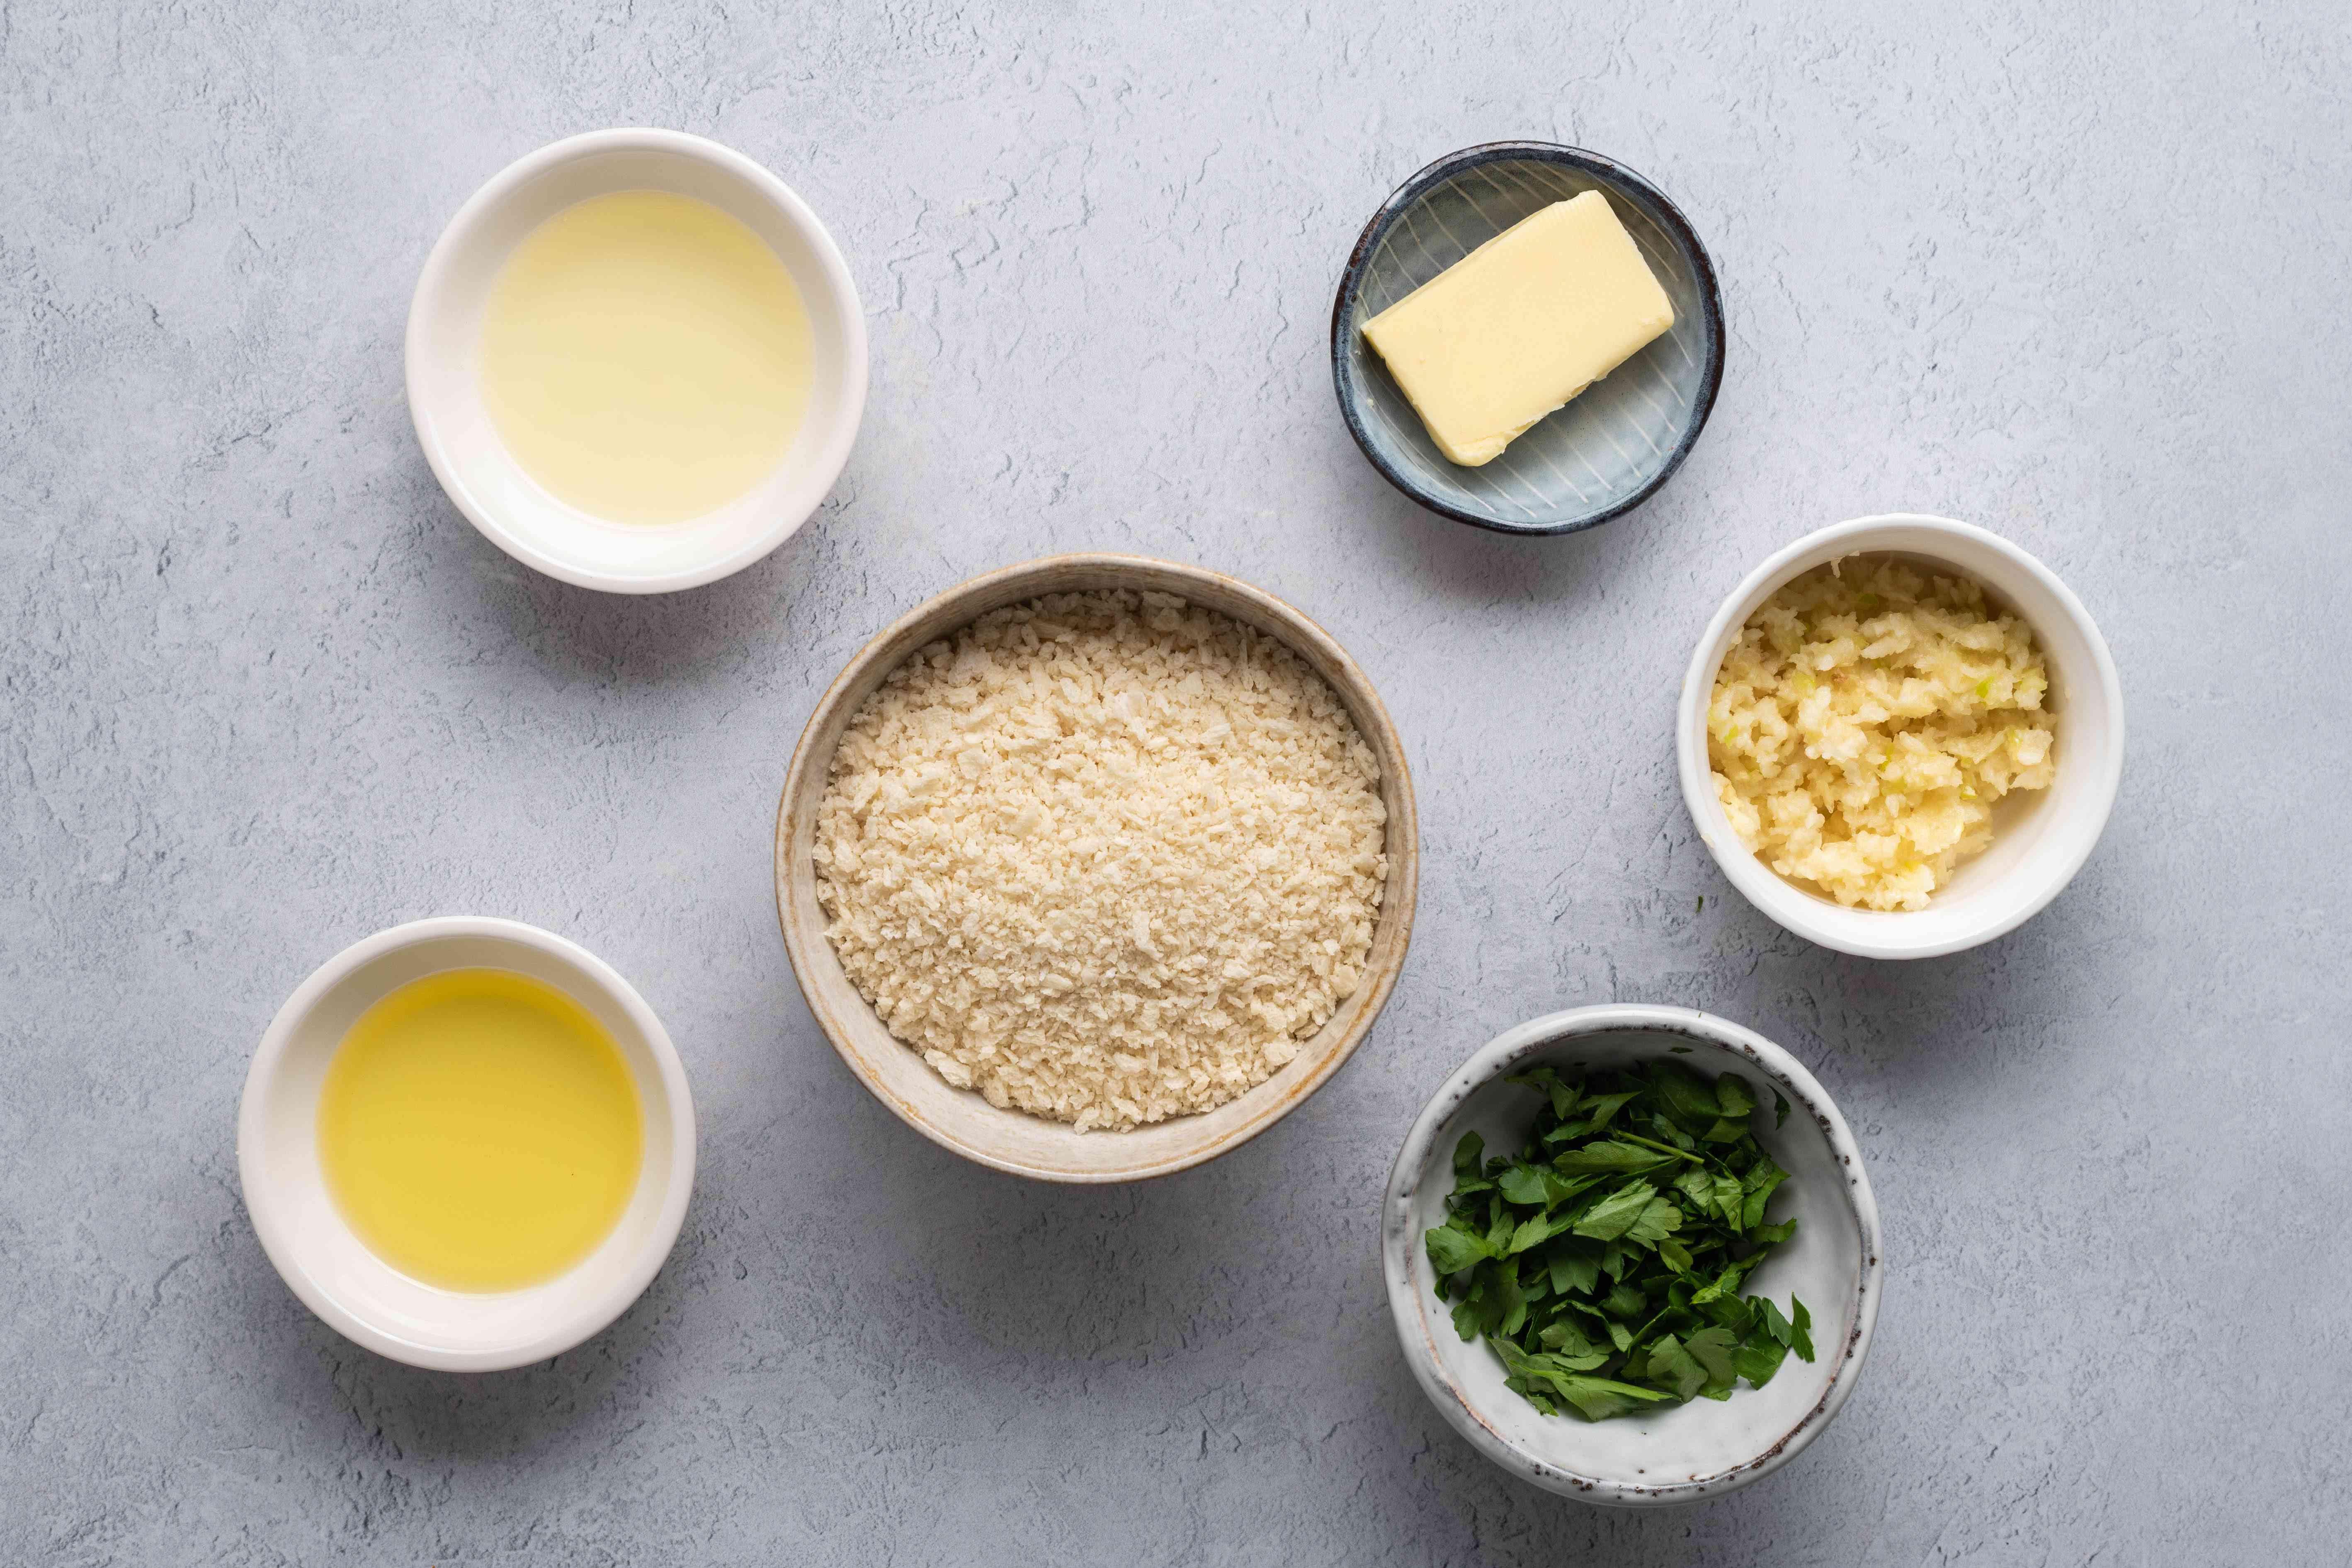 Ingredients for shrimp stuffing